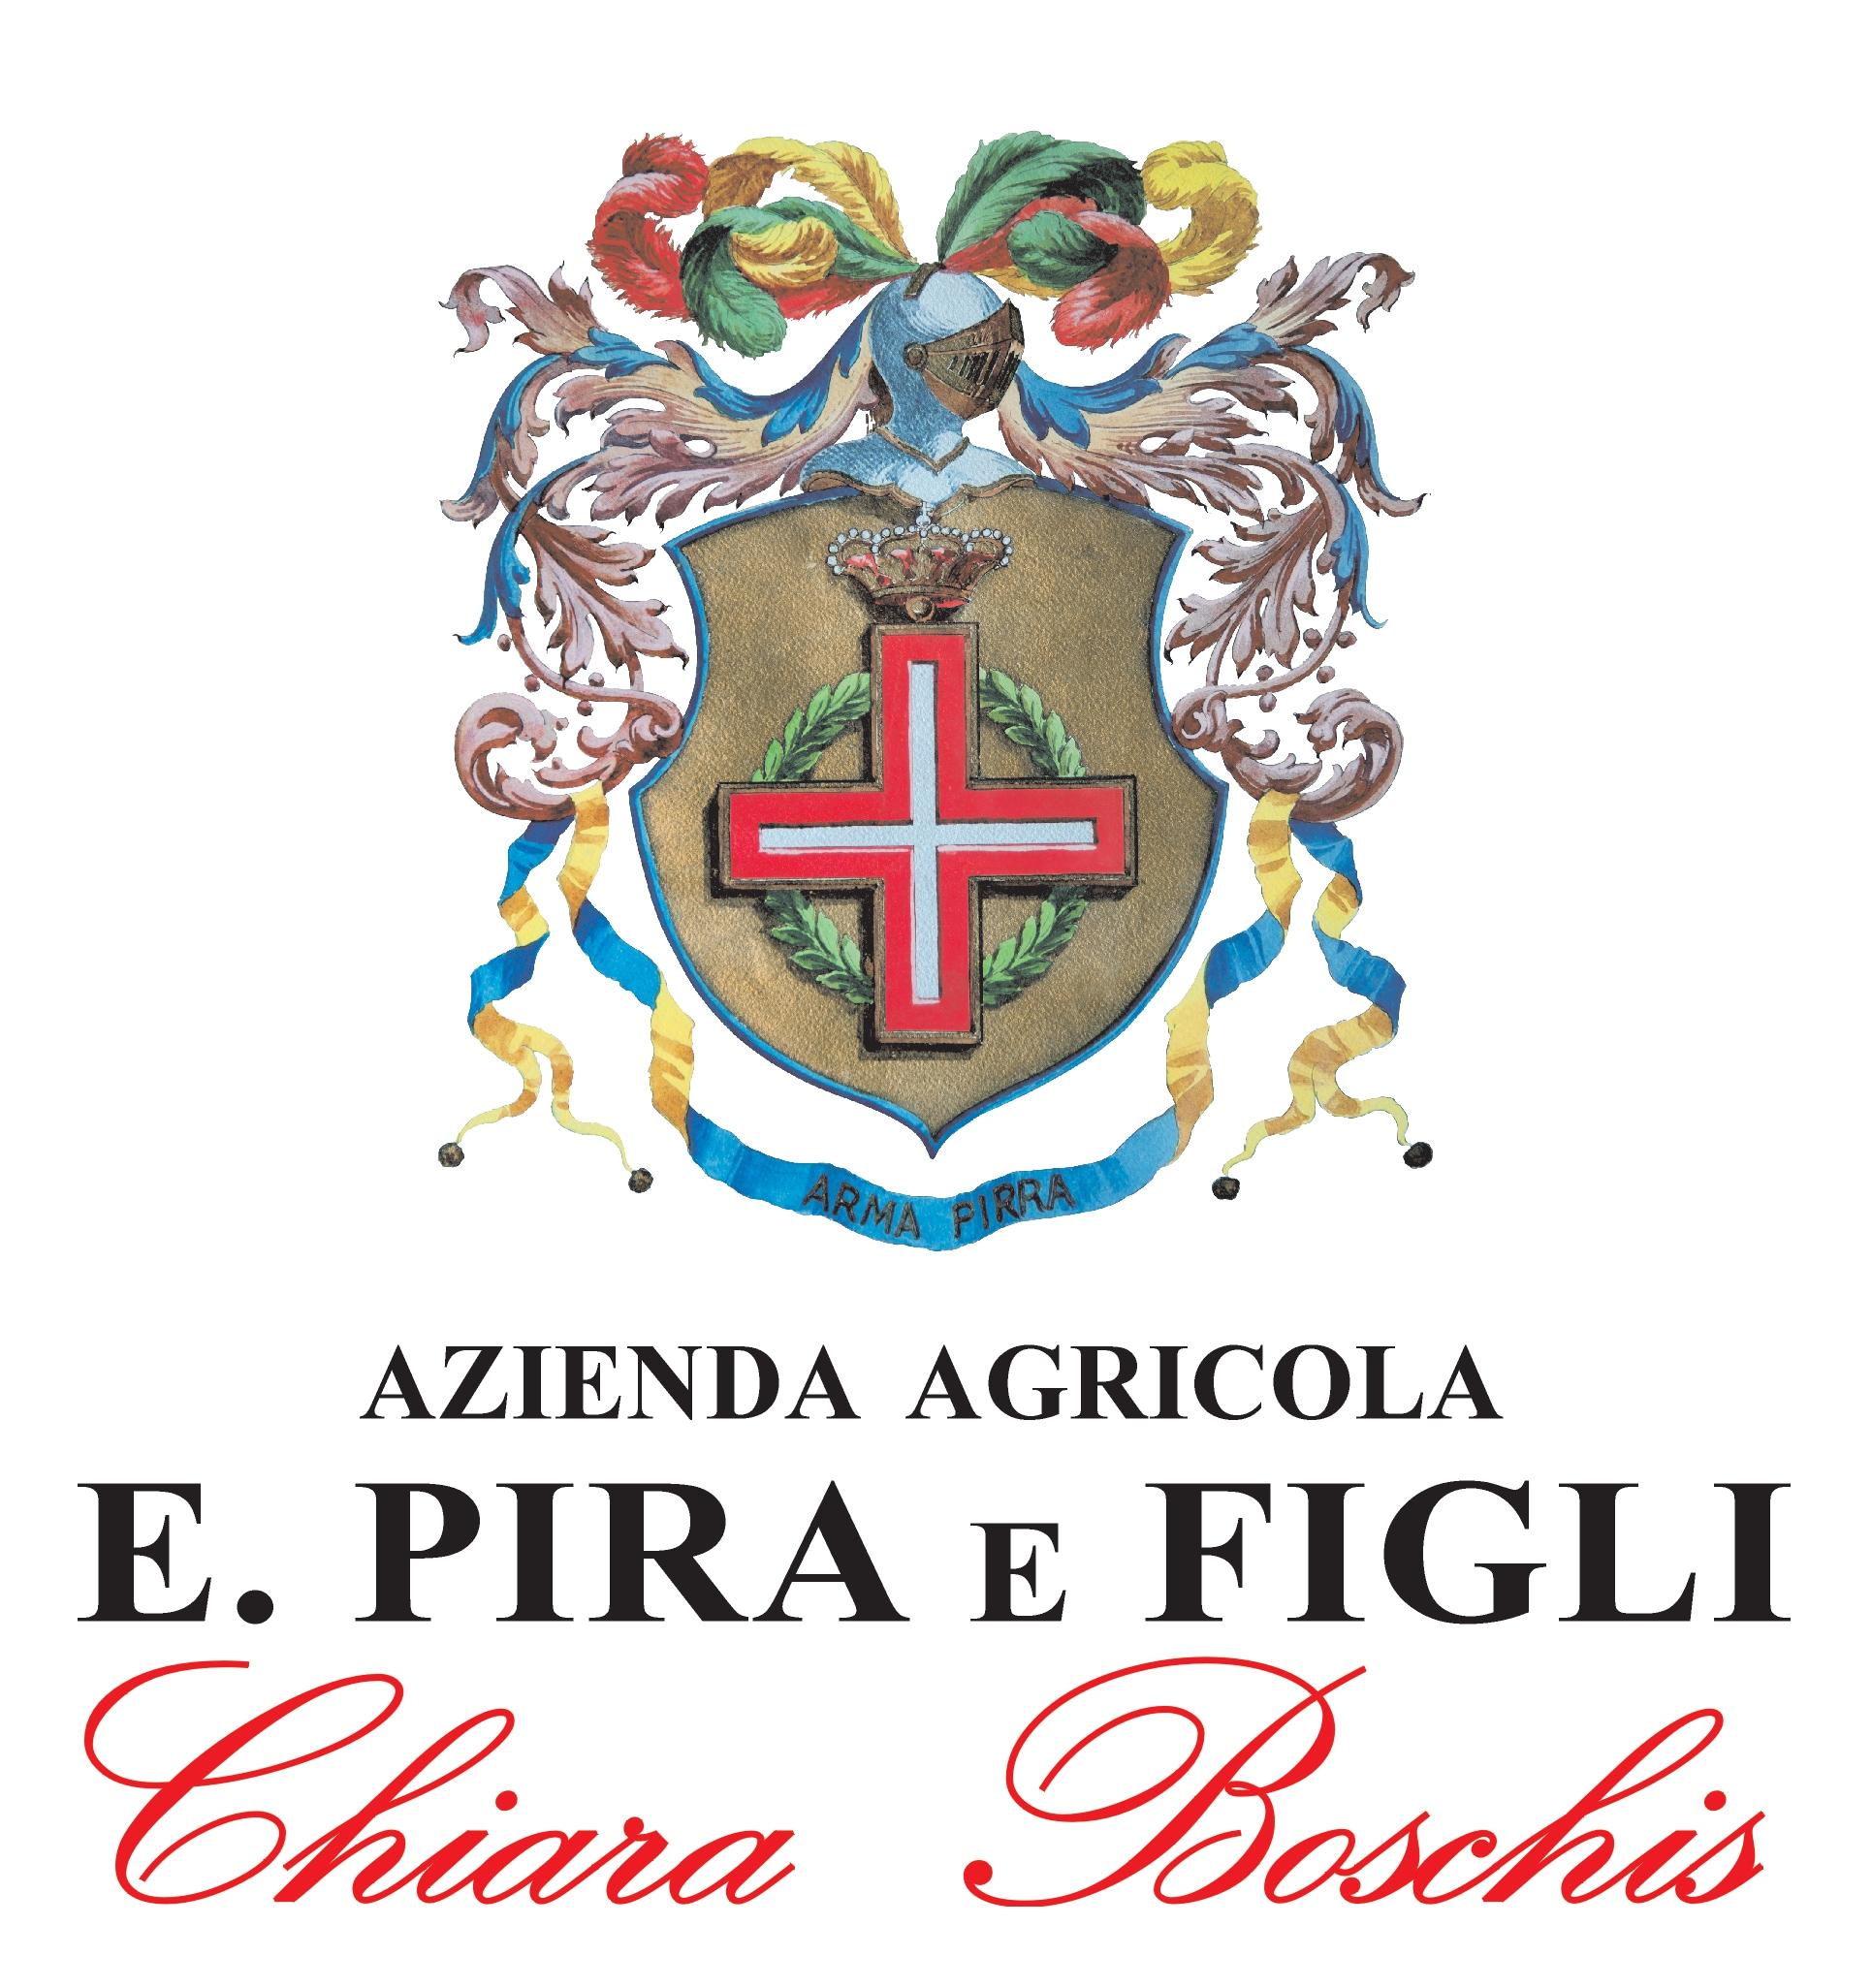 AZIENDA AGRICOLA E.PIRA E FIGLI/ピラー